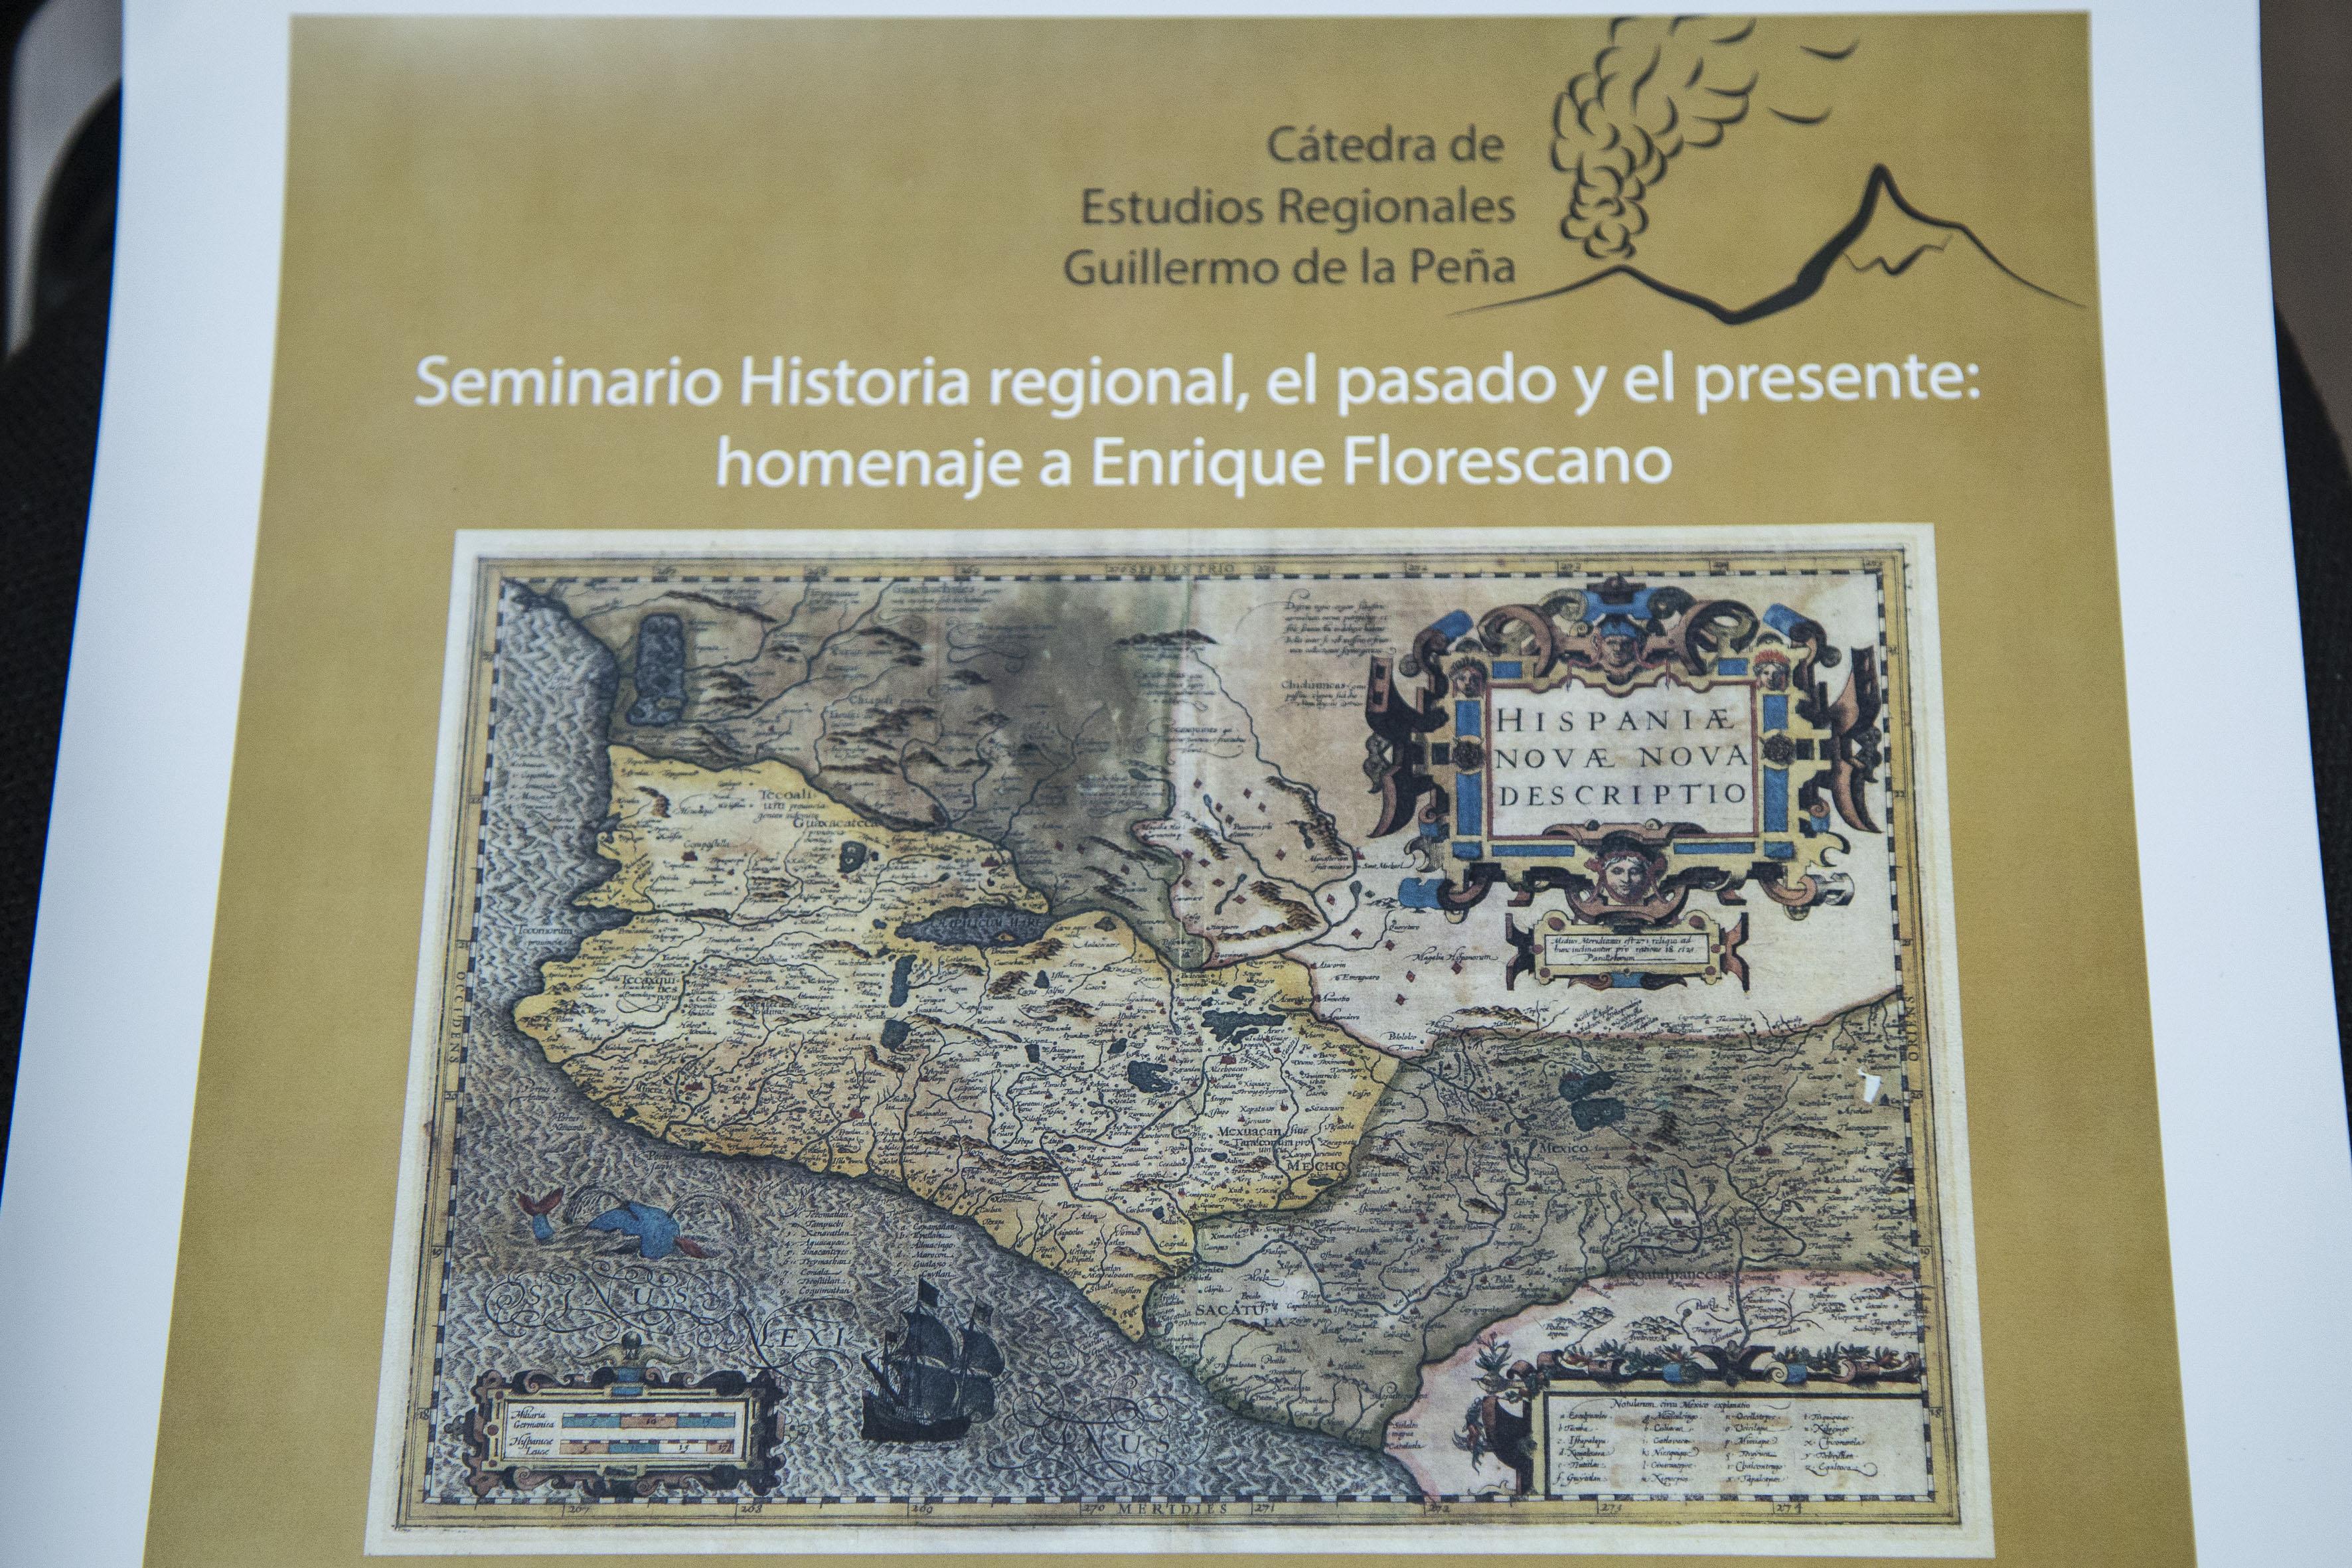 """Cartel informativo del Seminario """"Historia regional, el pasado y el presente: homenaje a Enrique Florescano"""""""